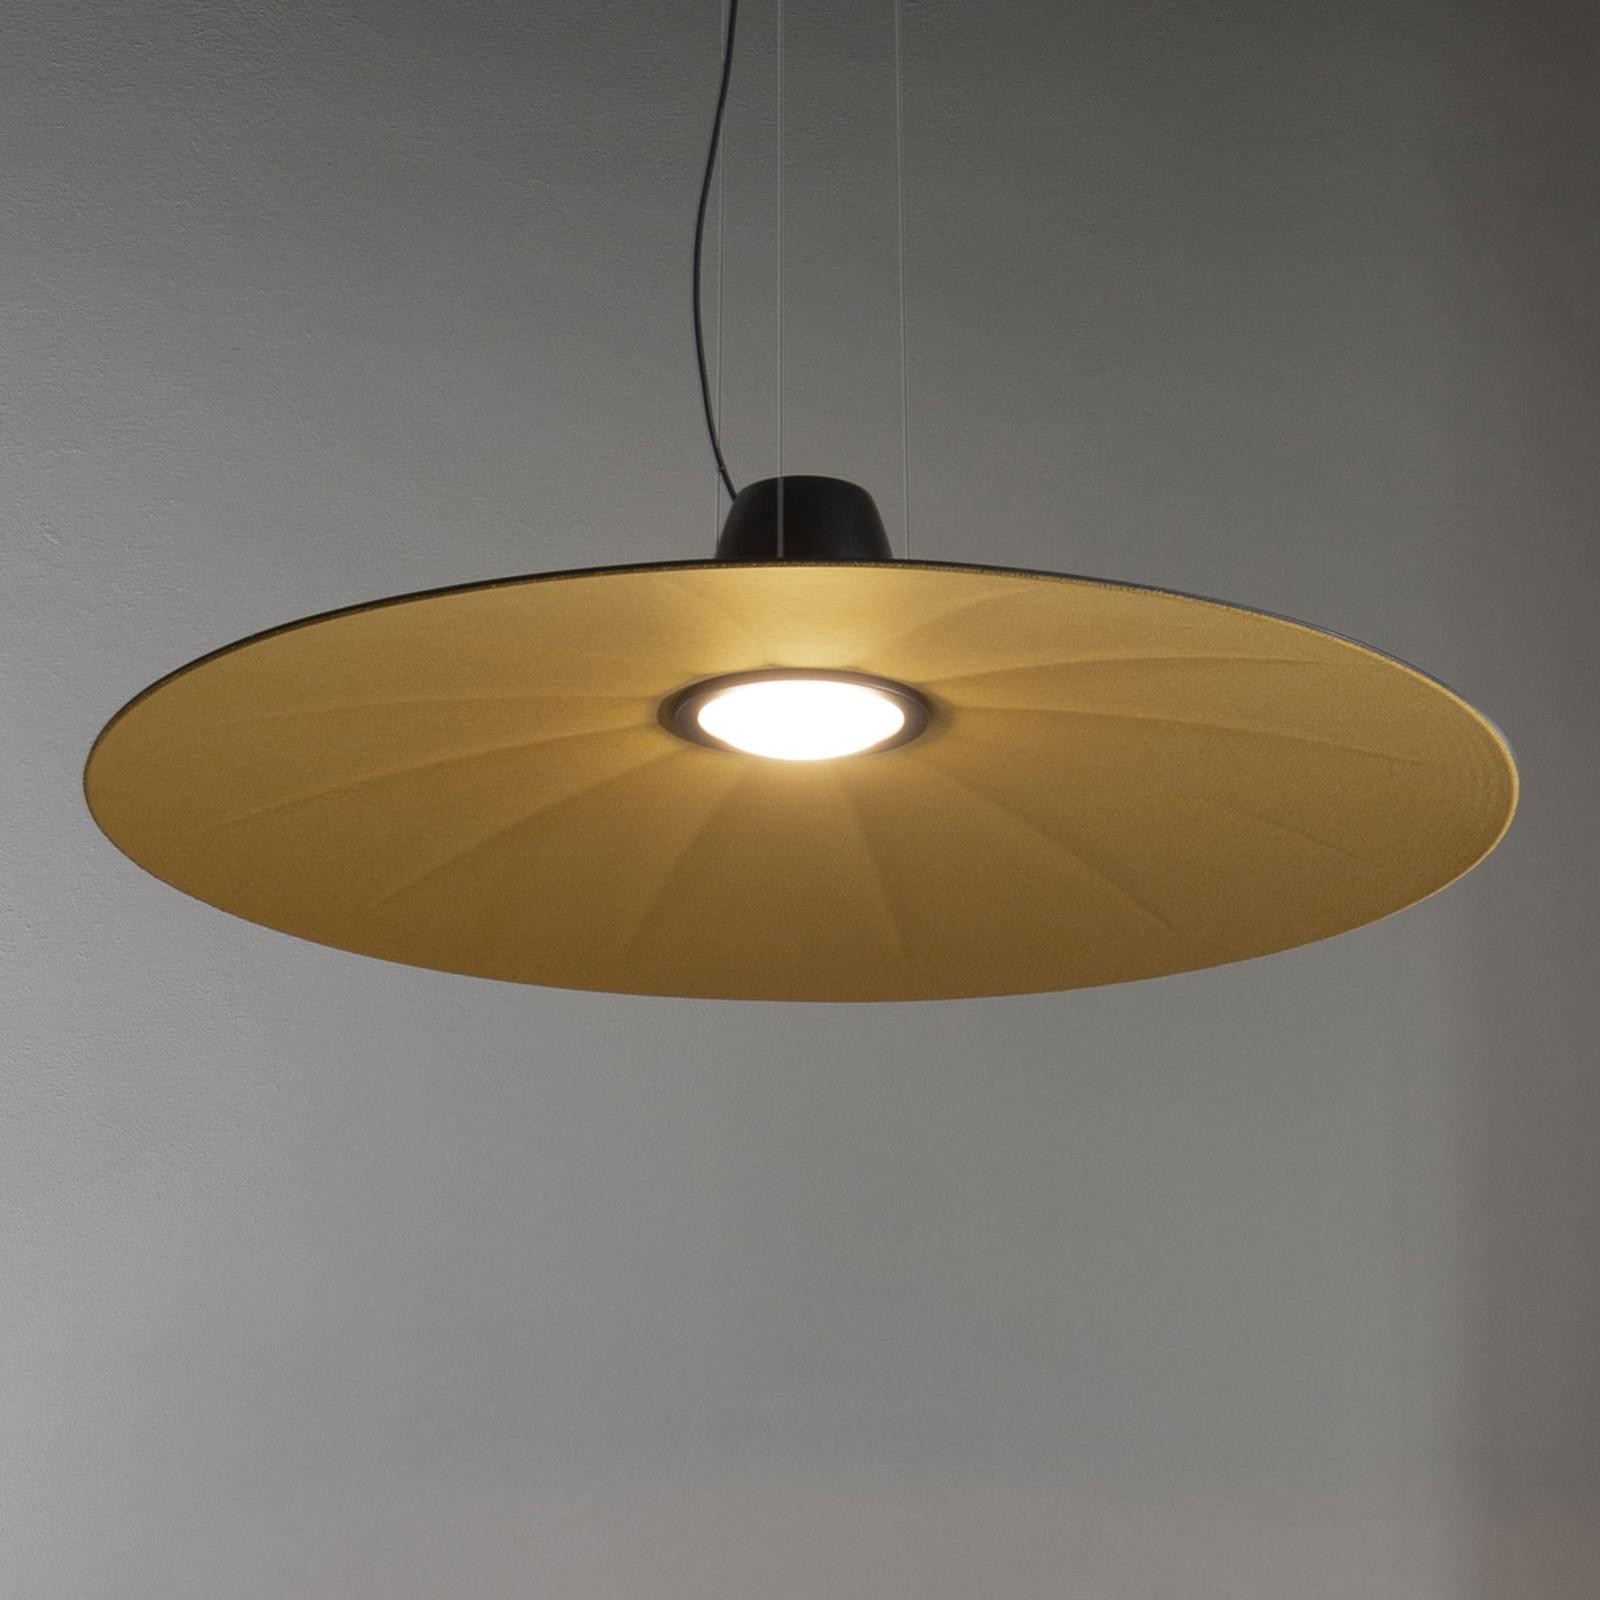 Martinelli Luce Lent LED-hængelampe, gul